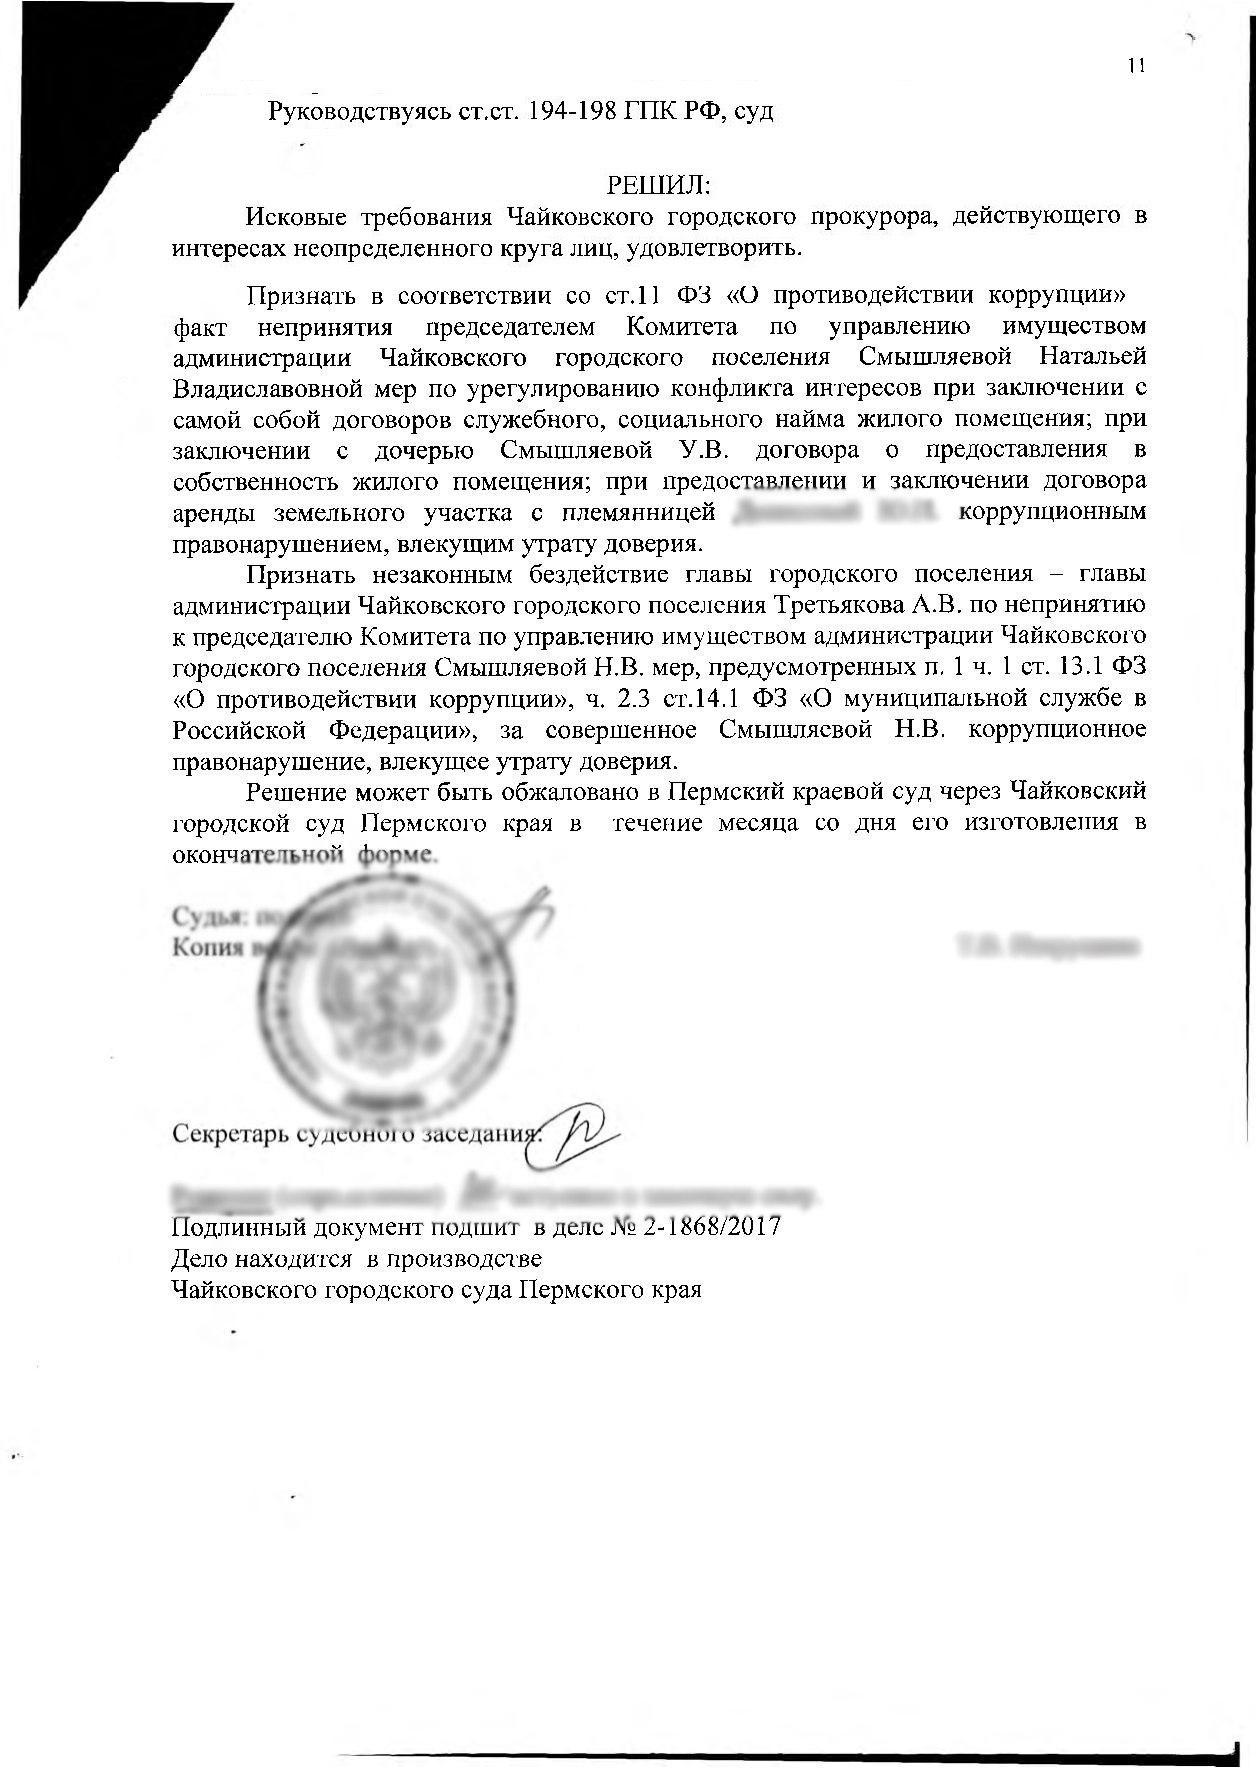 решение суда, Чайковский, 2017 год